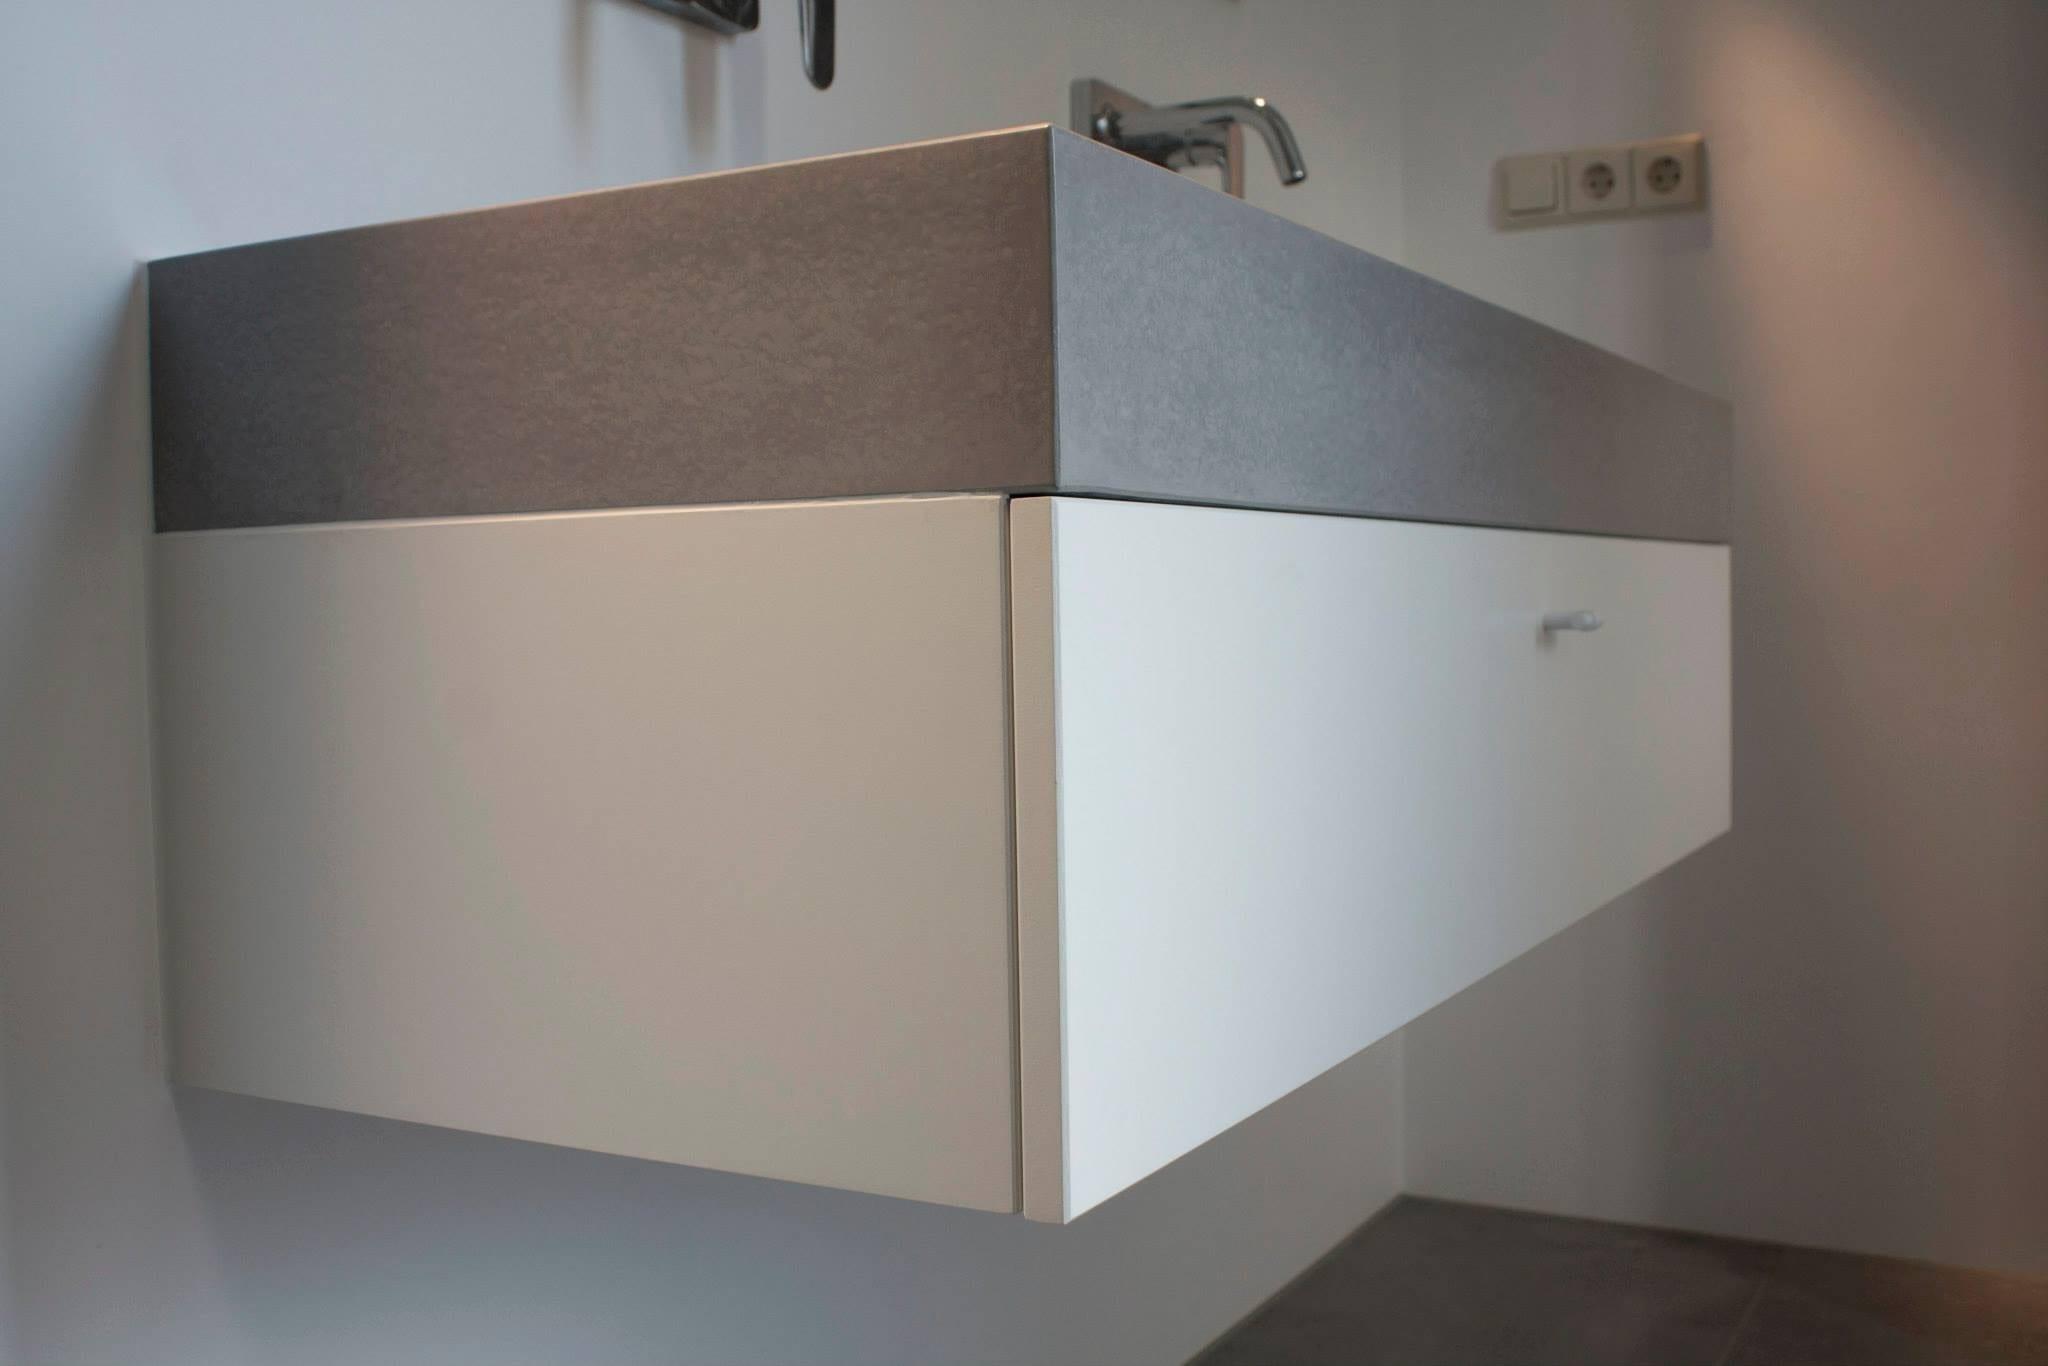 Badkamermeubels op maat meubelmakerij houtkwadraat - Badkamer meubels ...